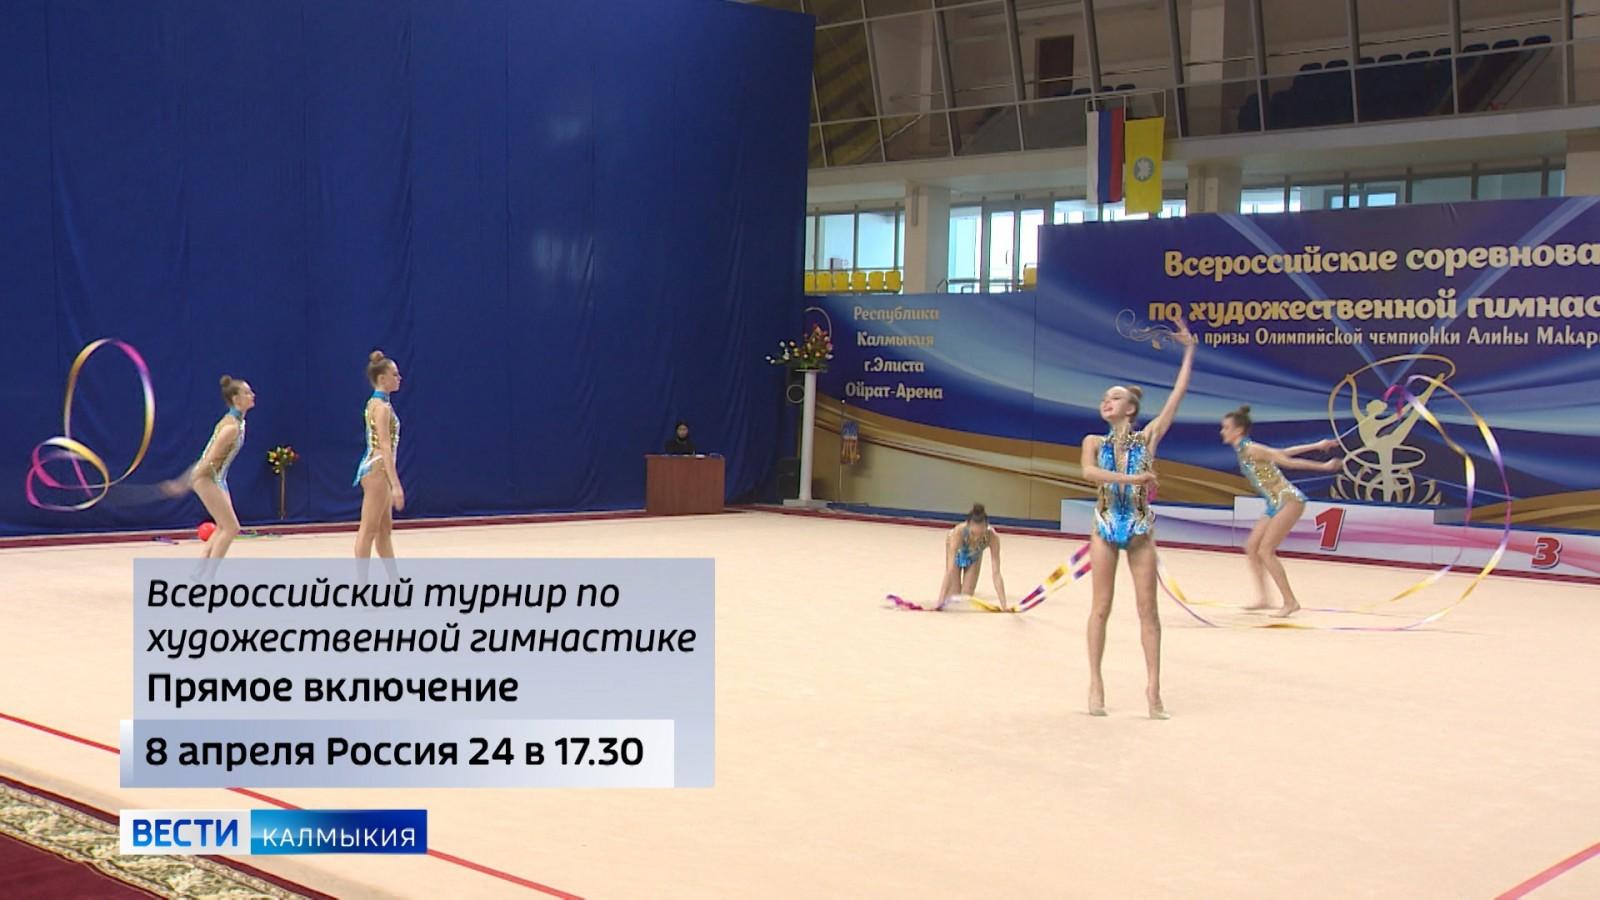 В Элисте продолжается Всероссийский турнир на призы олимпийской чемпионки Алины Макаренко